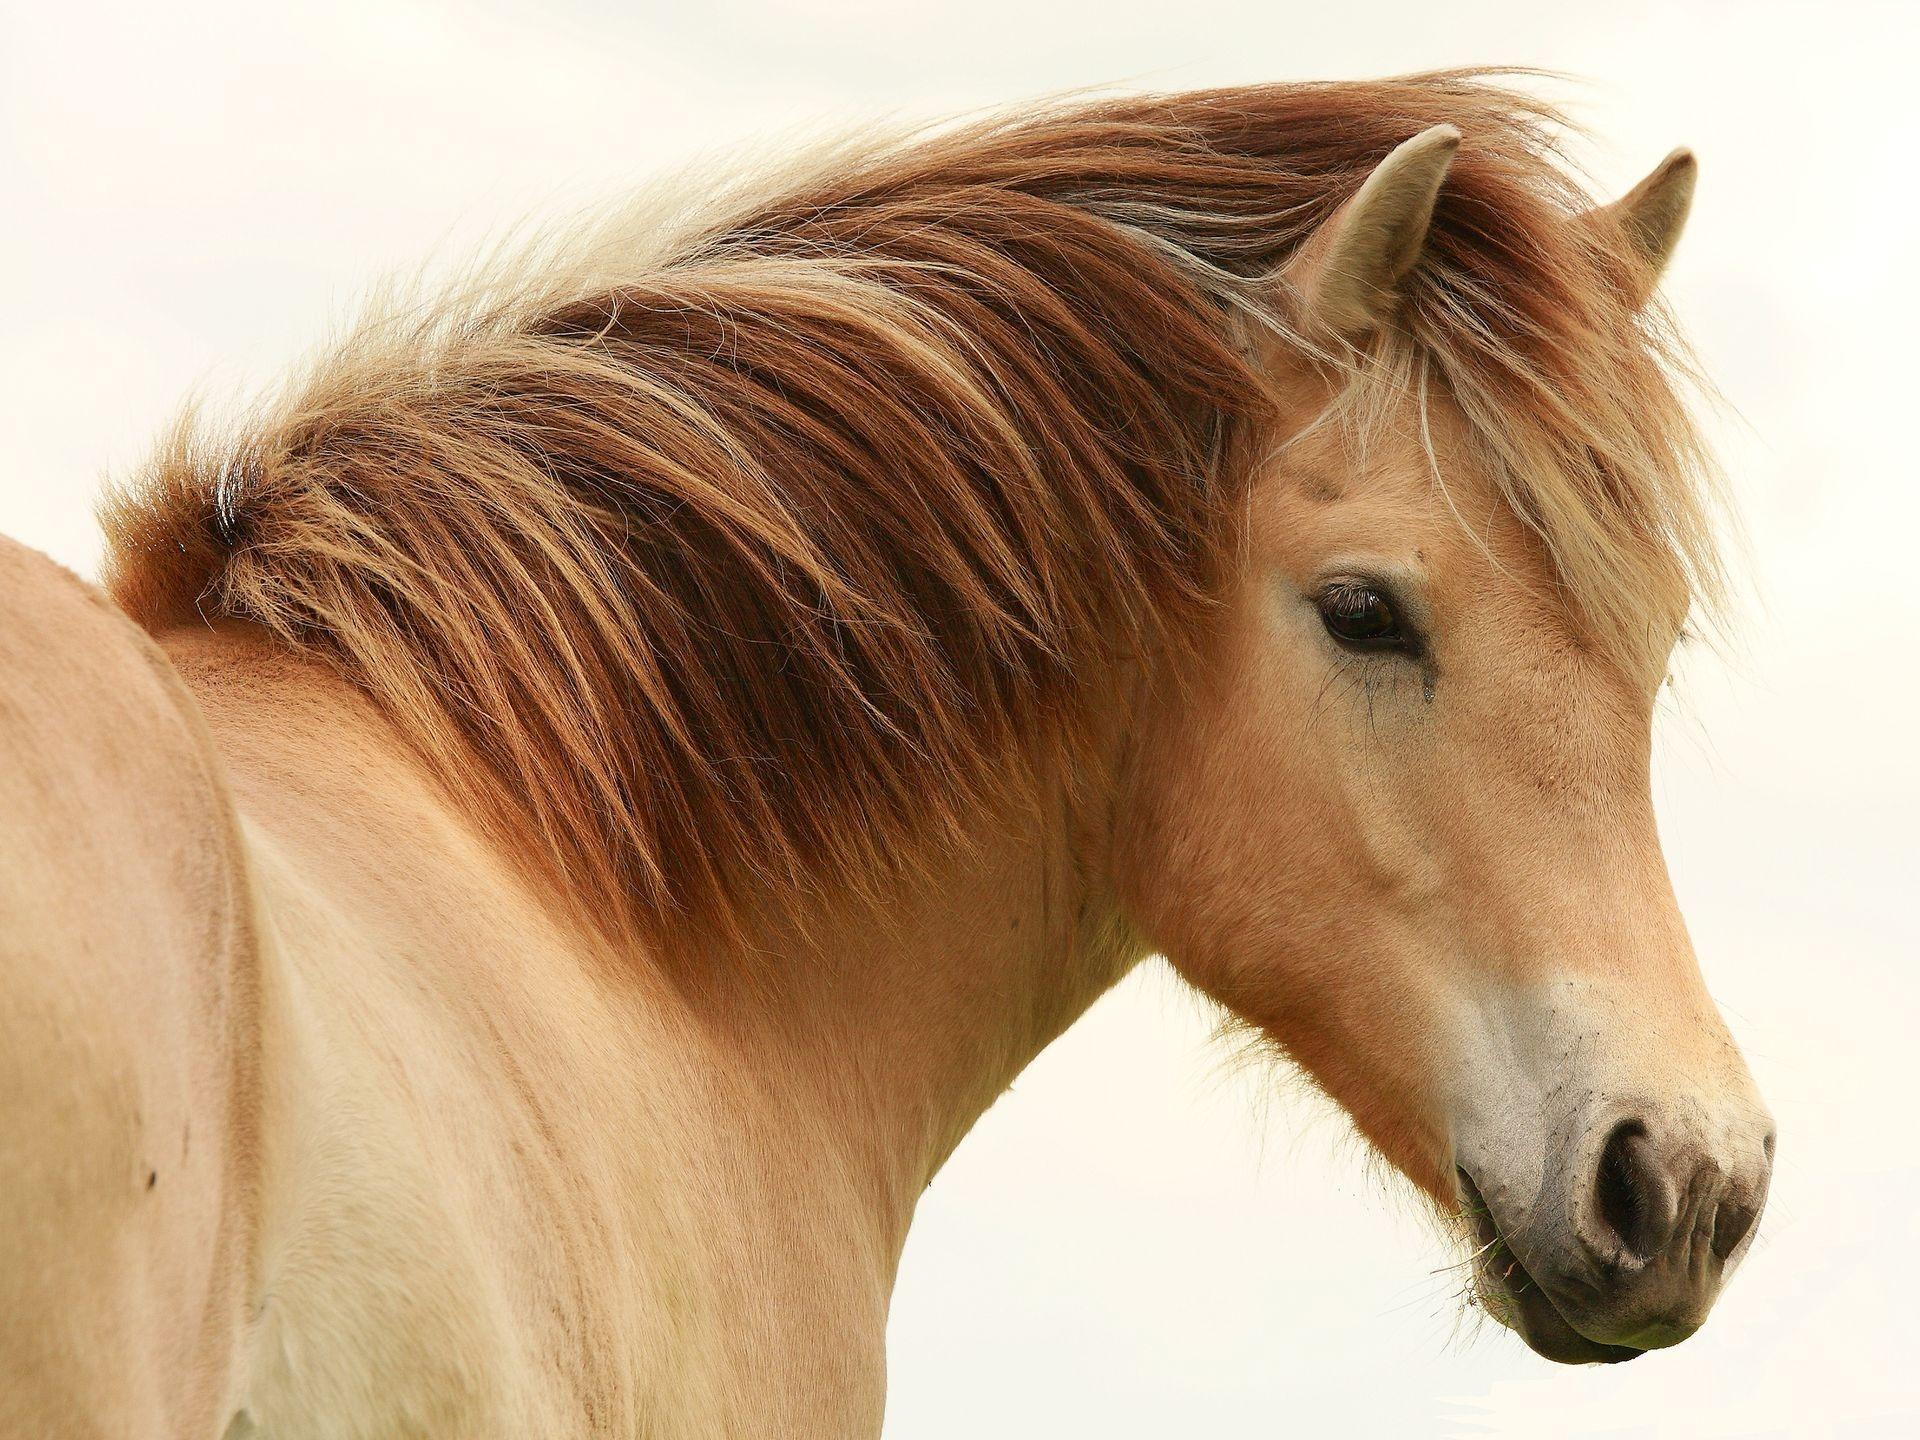 голова лошади, грива, скачать фото, лошадь на белом фоне, обои для рабочего стола